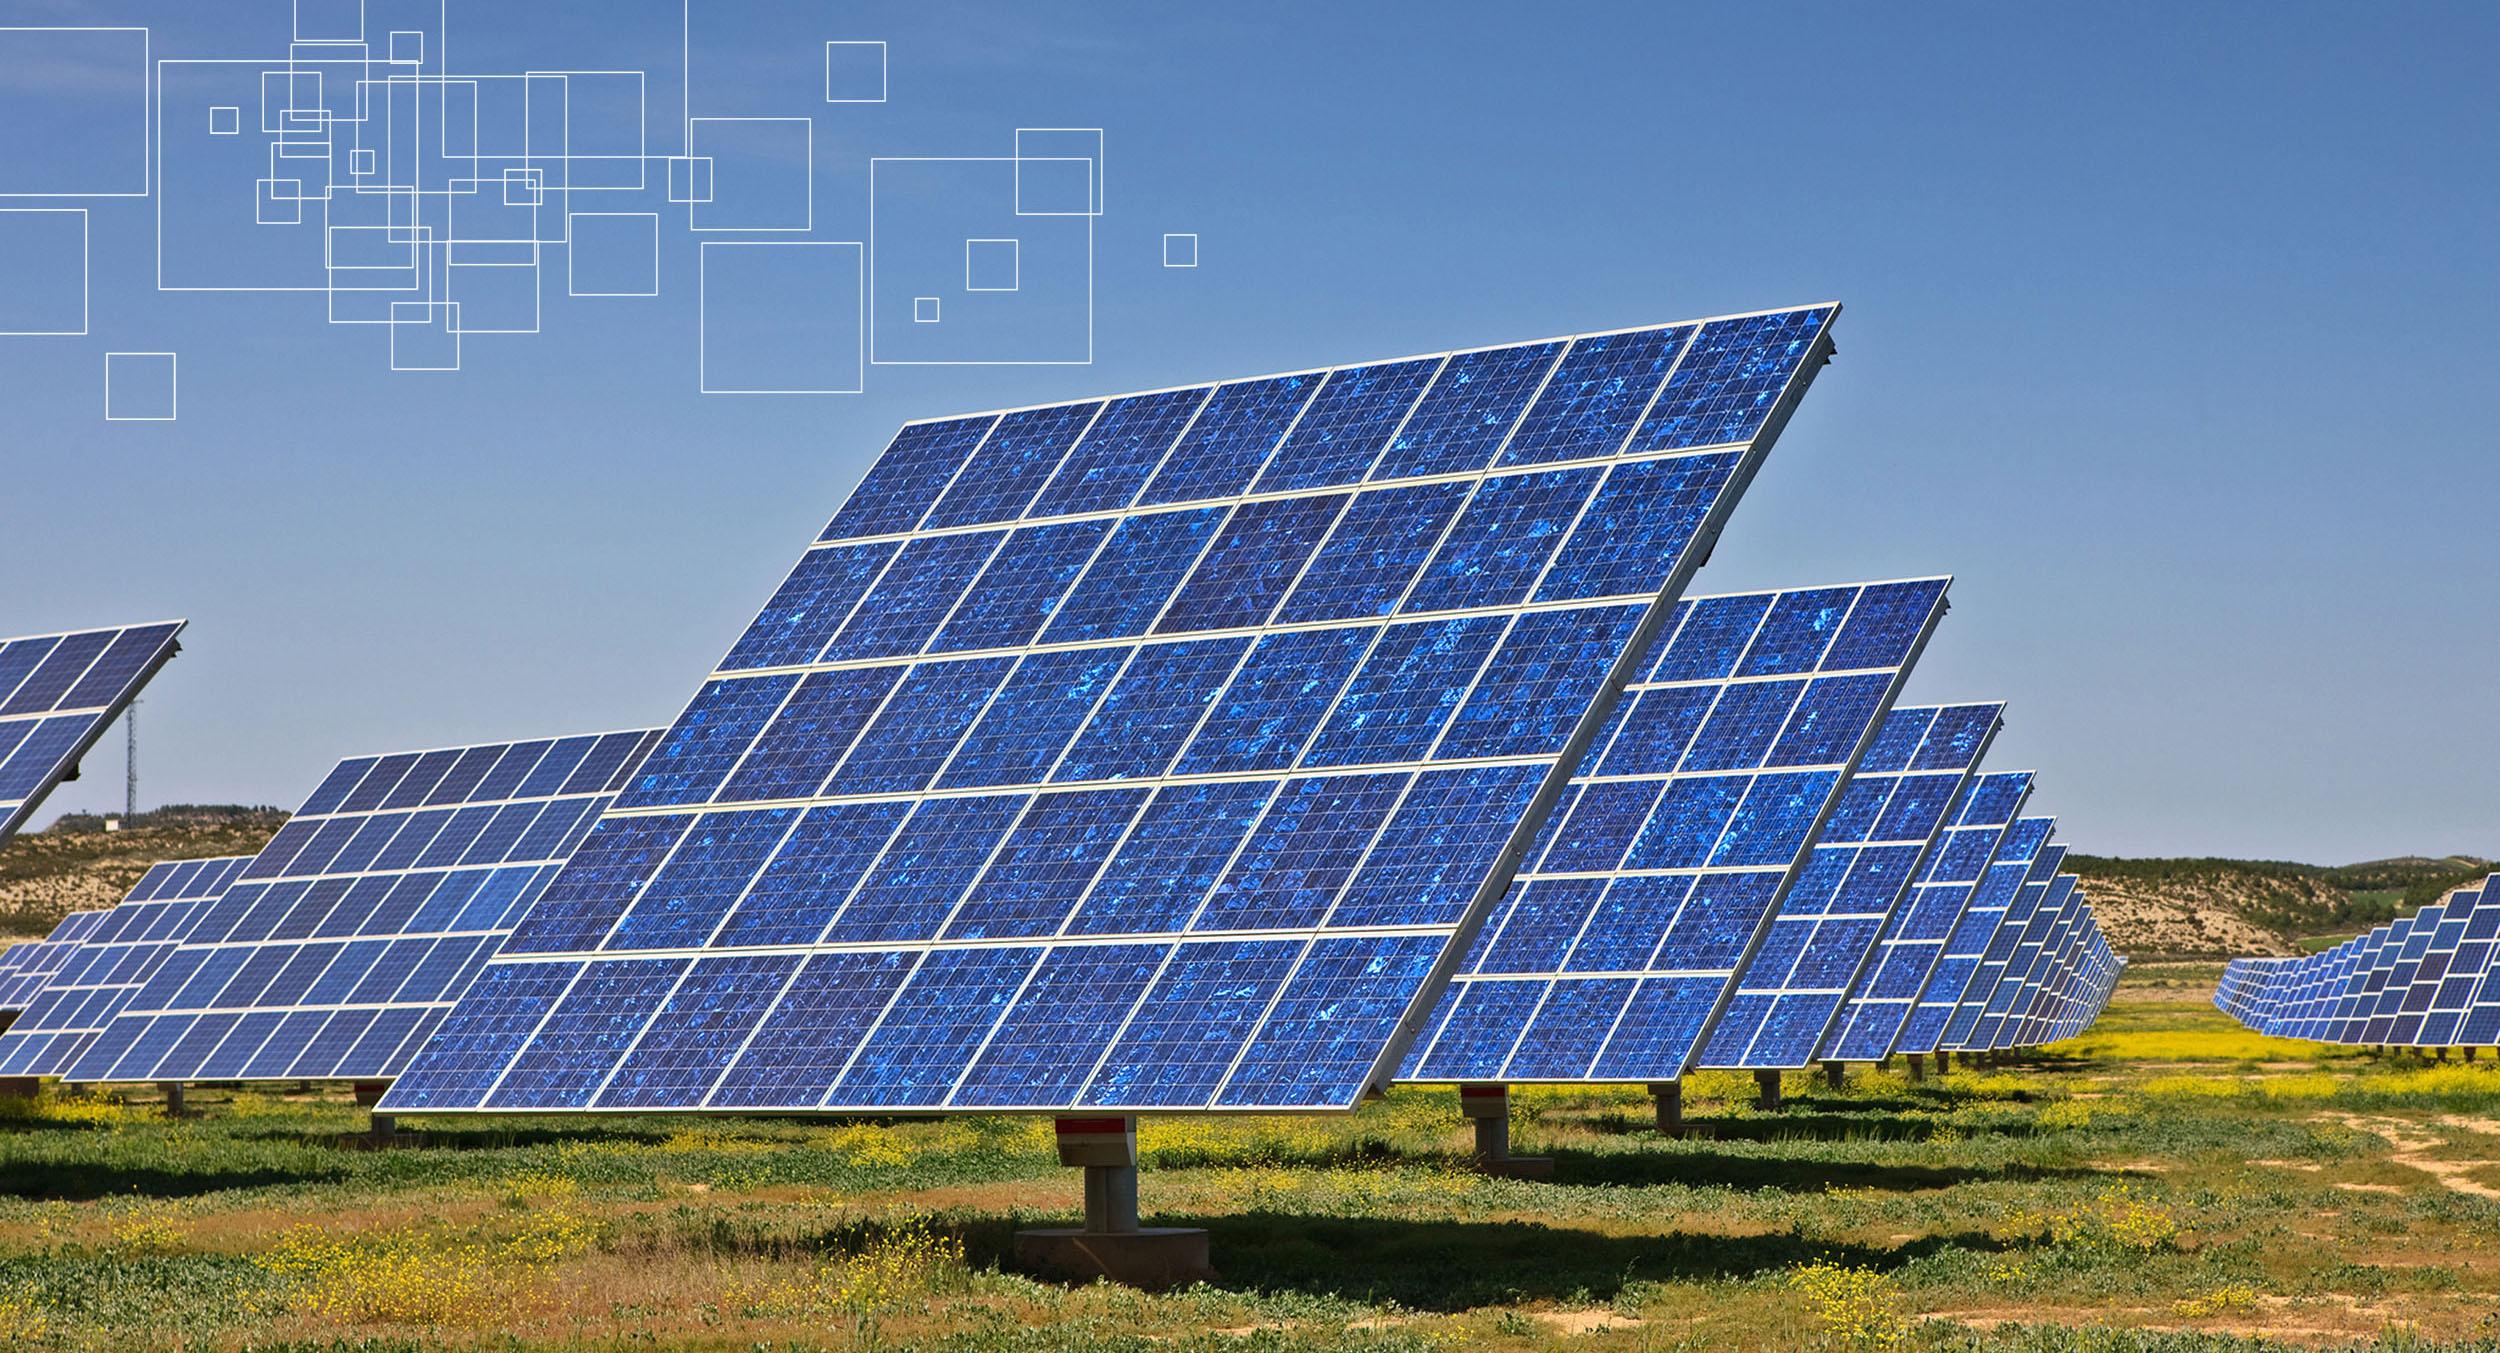 Energyplus_Image_04_C.jpg